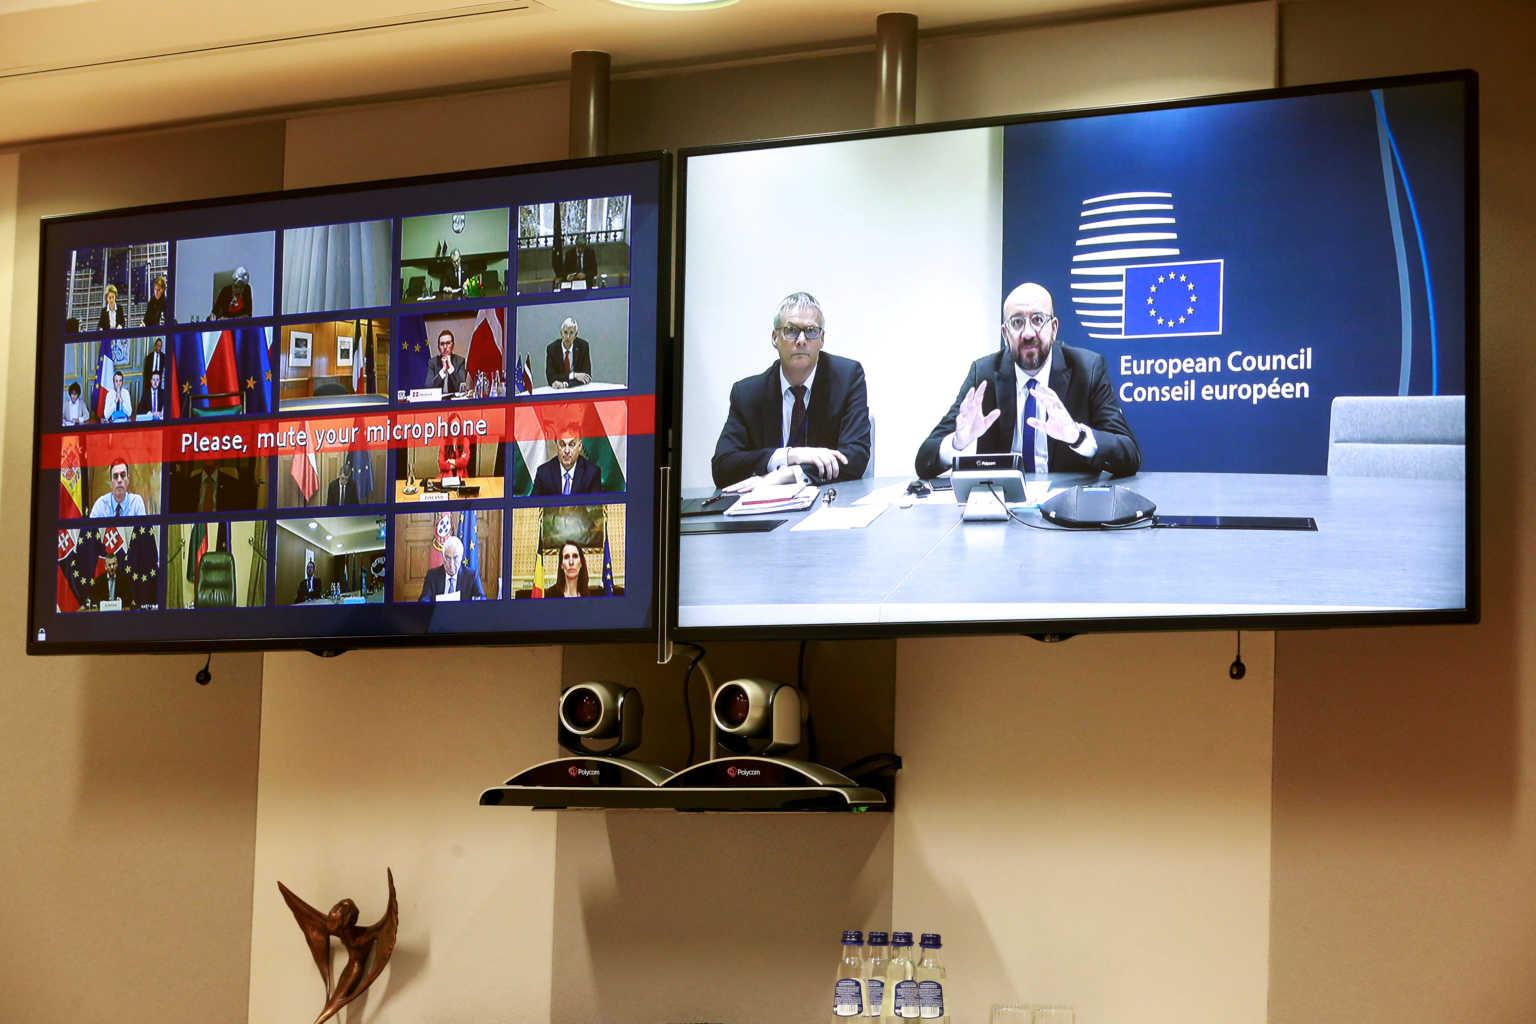 Κορονοϊός: Αυτά είναι τα μέτρα που αποφάσισαν οι Ευρωπαίοι ηγέτες!